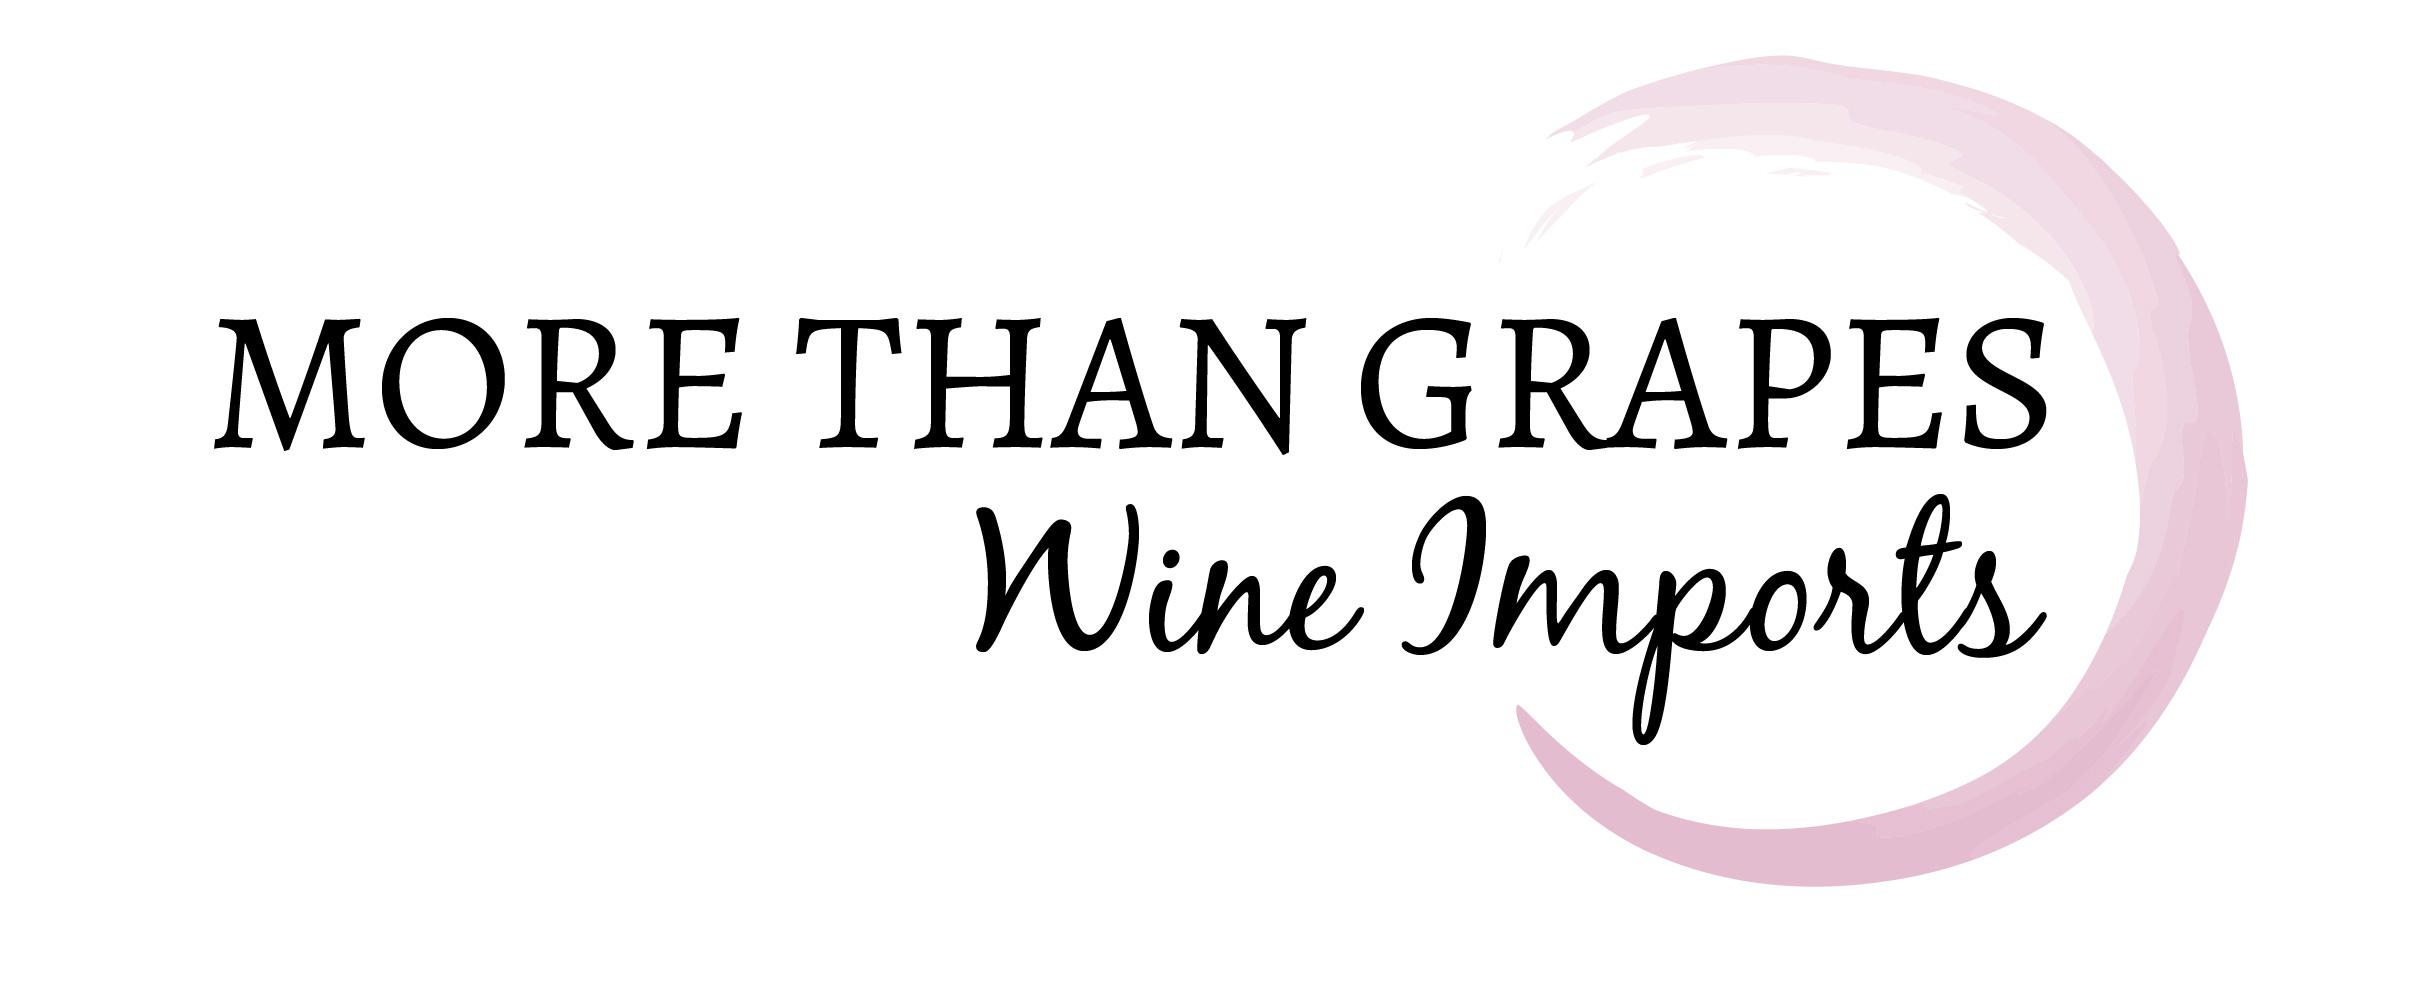 More Than Grapes Logo Ideas -42.jpg